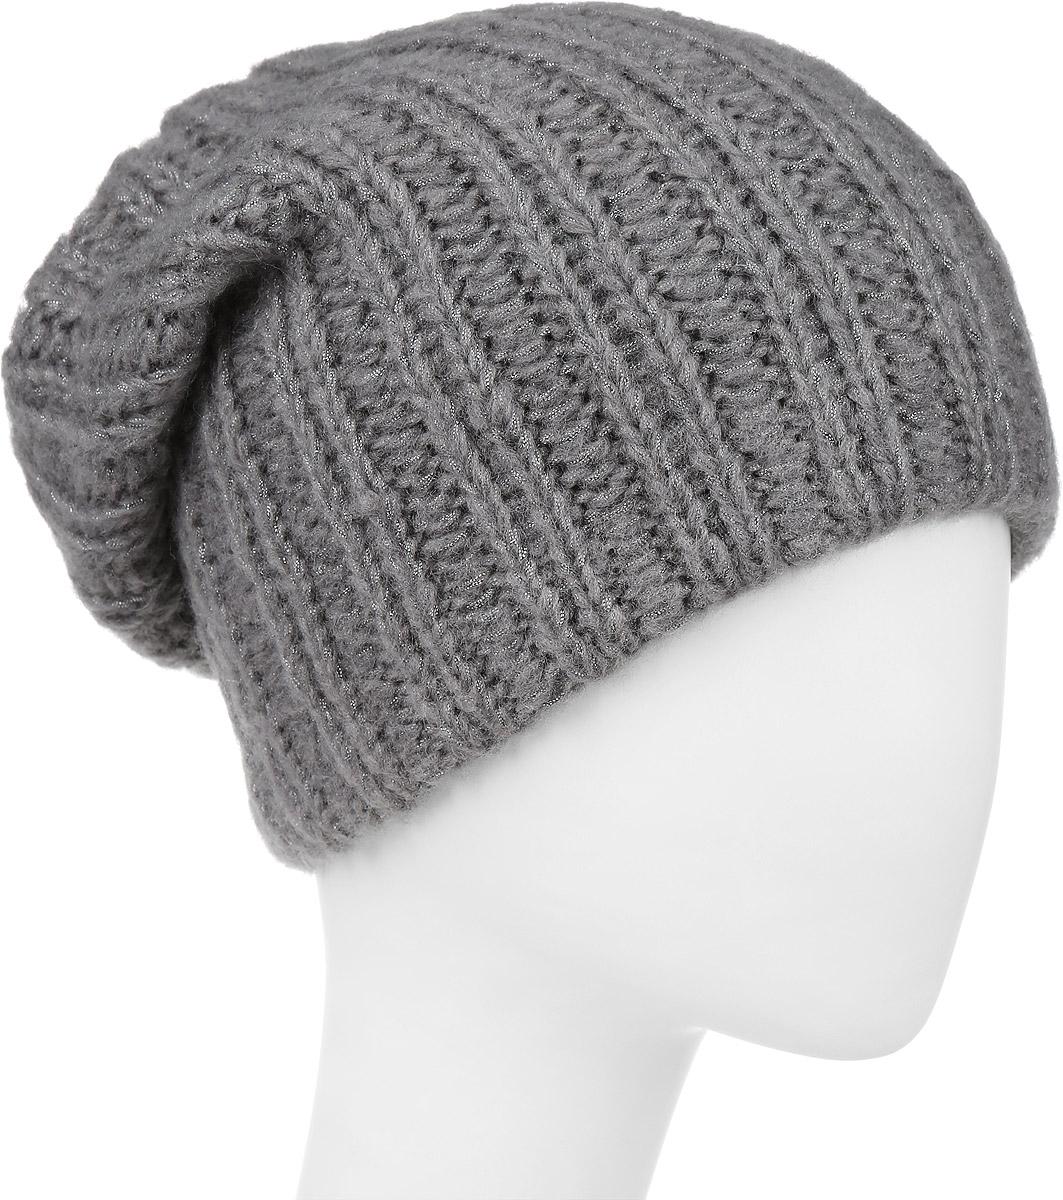 F2251857E-05Вязаная женская шапка Vittorio Richi выполнена из мохера с добавлением шерсти, акрила и полиэстера. Модель оформлена вязаным узором. Уважаемые клиенты! Размер, доступный для заказа, является обхватом головы.